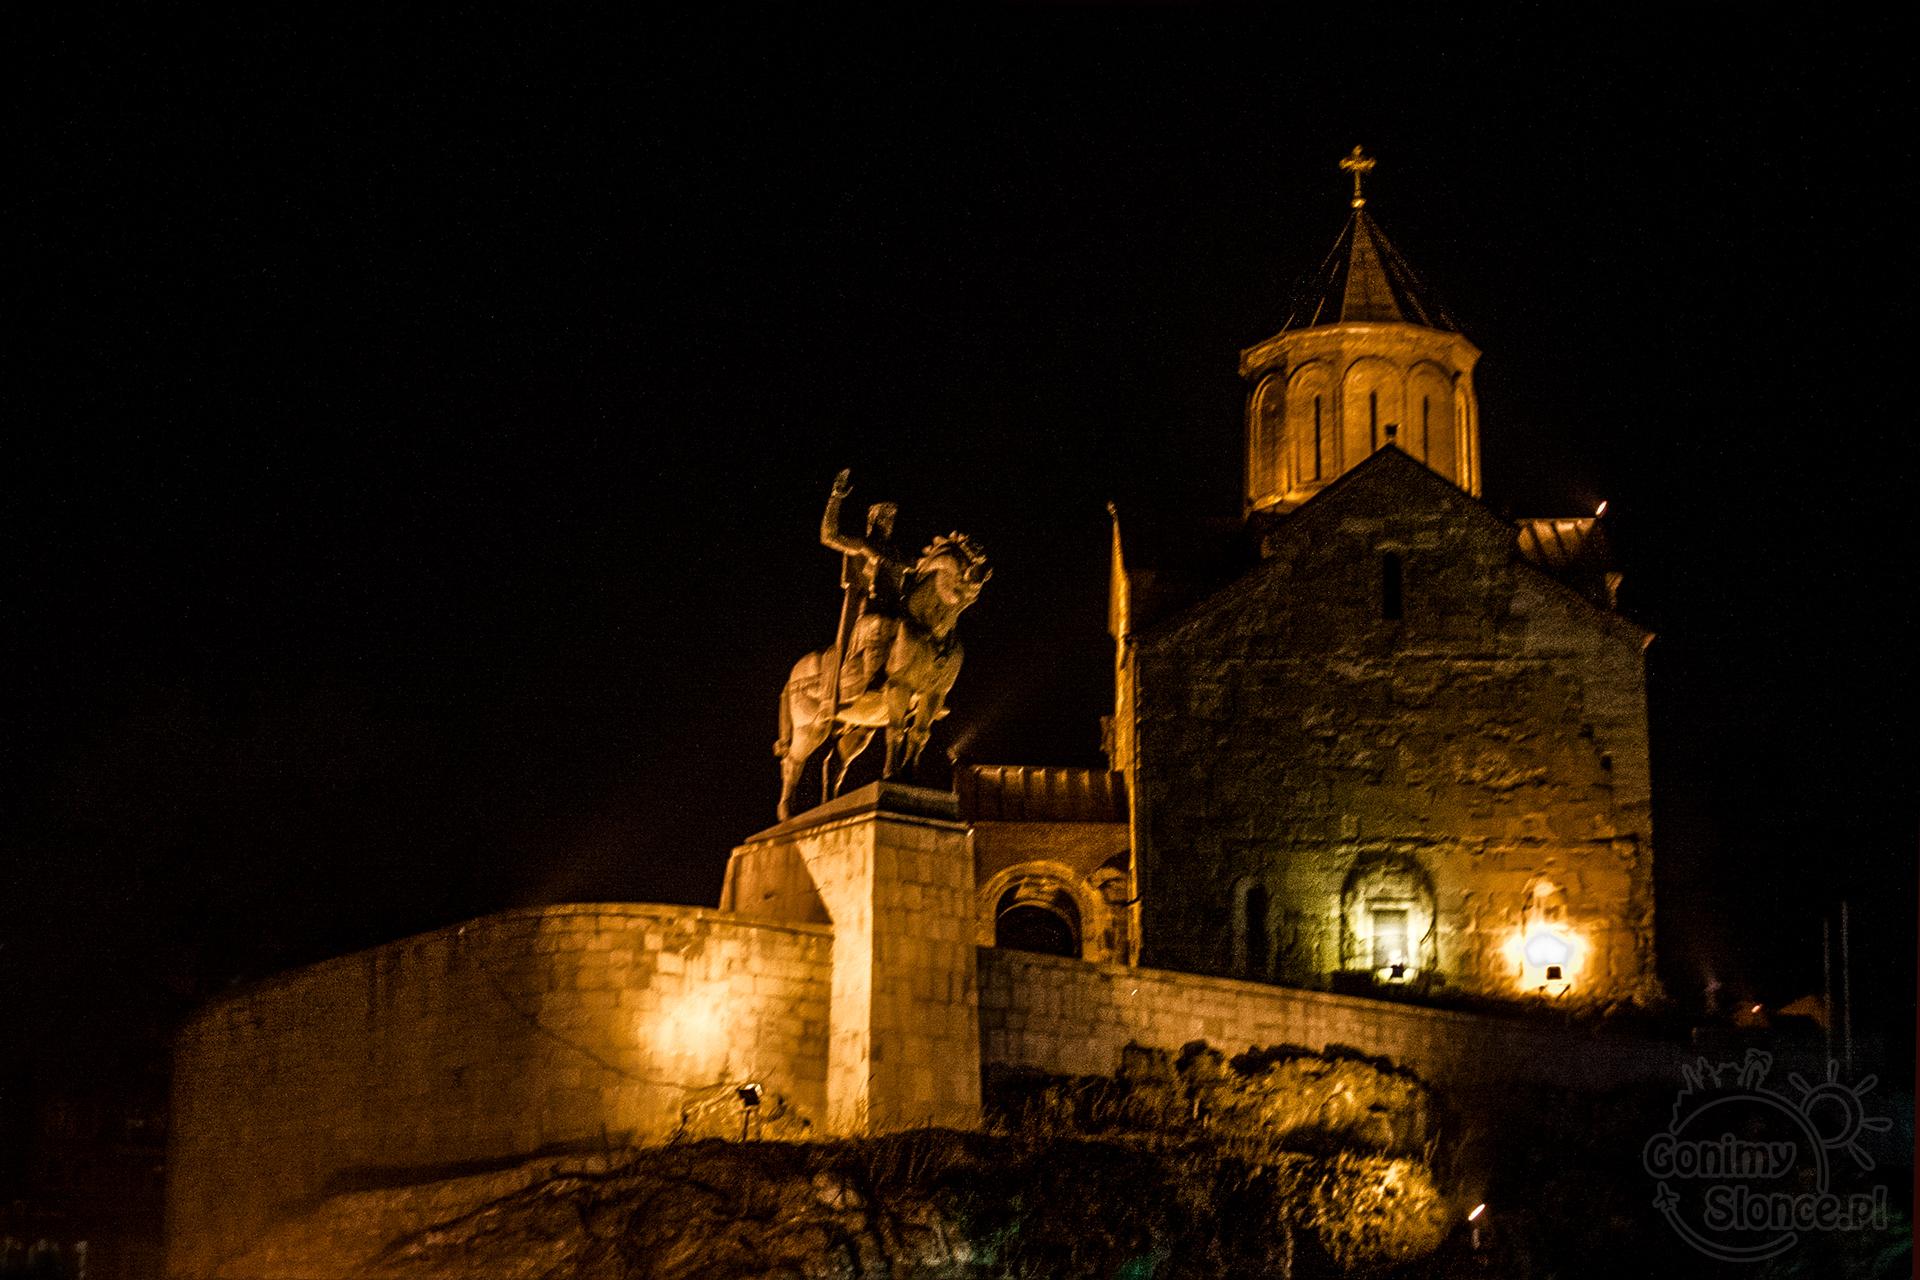 Nocne Tbilisi - Kościół Metecchi oraz król Wachtang I Gorgasali na koniu (legendarny założyciel miasta Tbilisi)